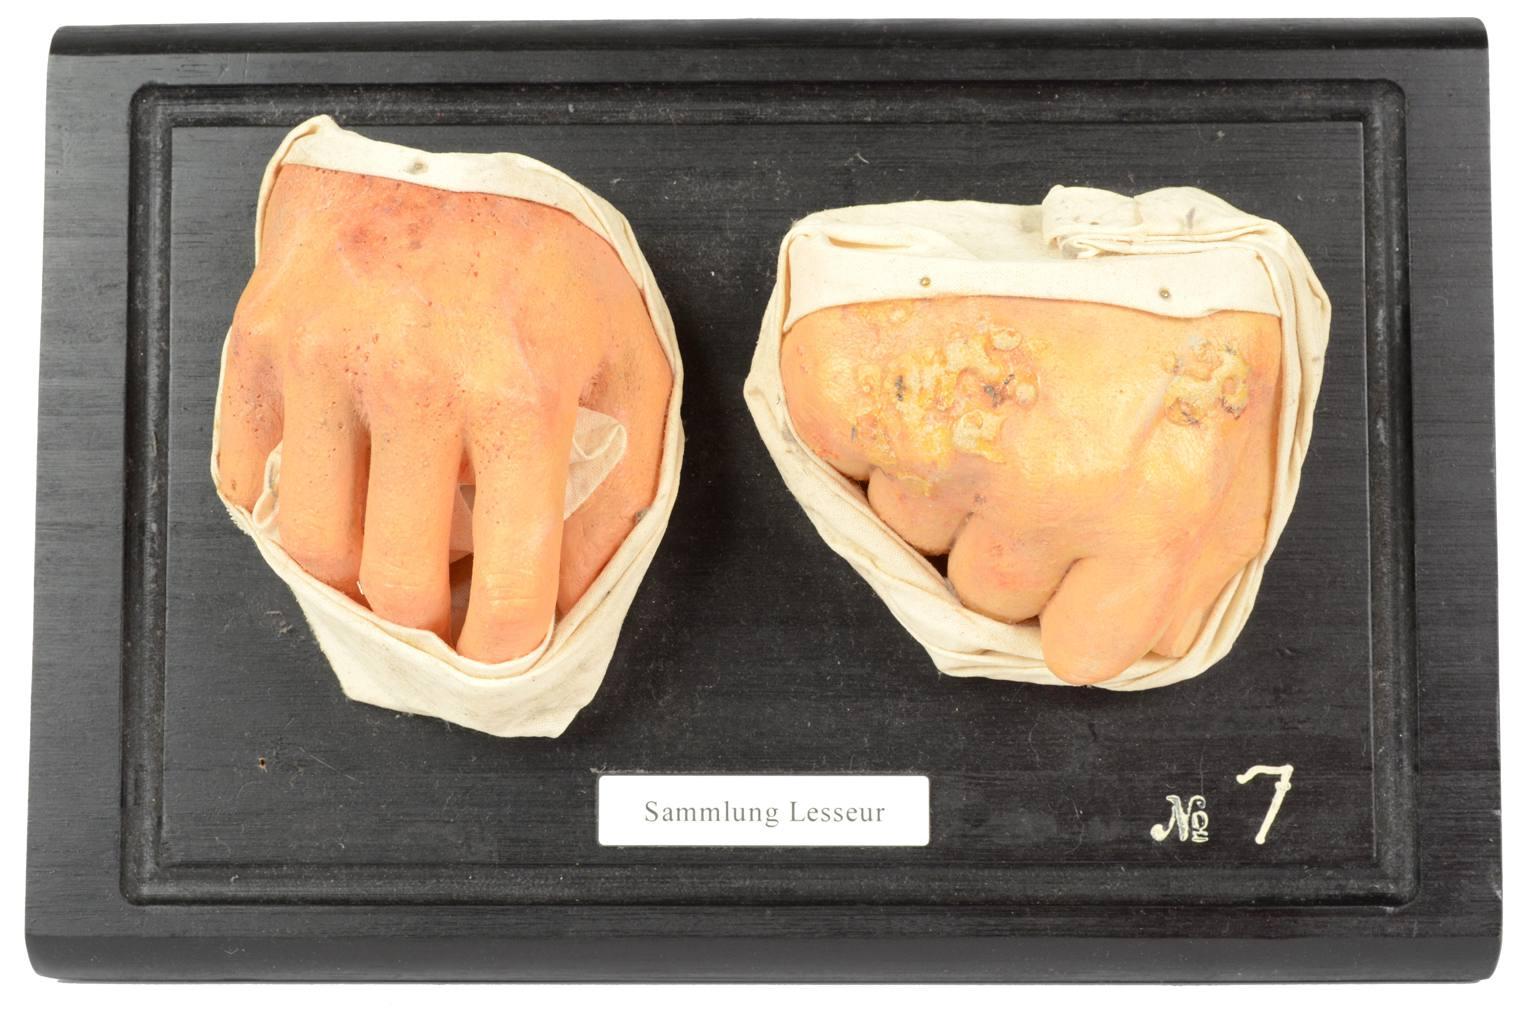 古医疗器具/4250-50年代非平常的蜡制品